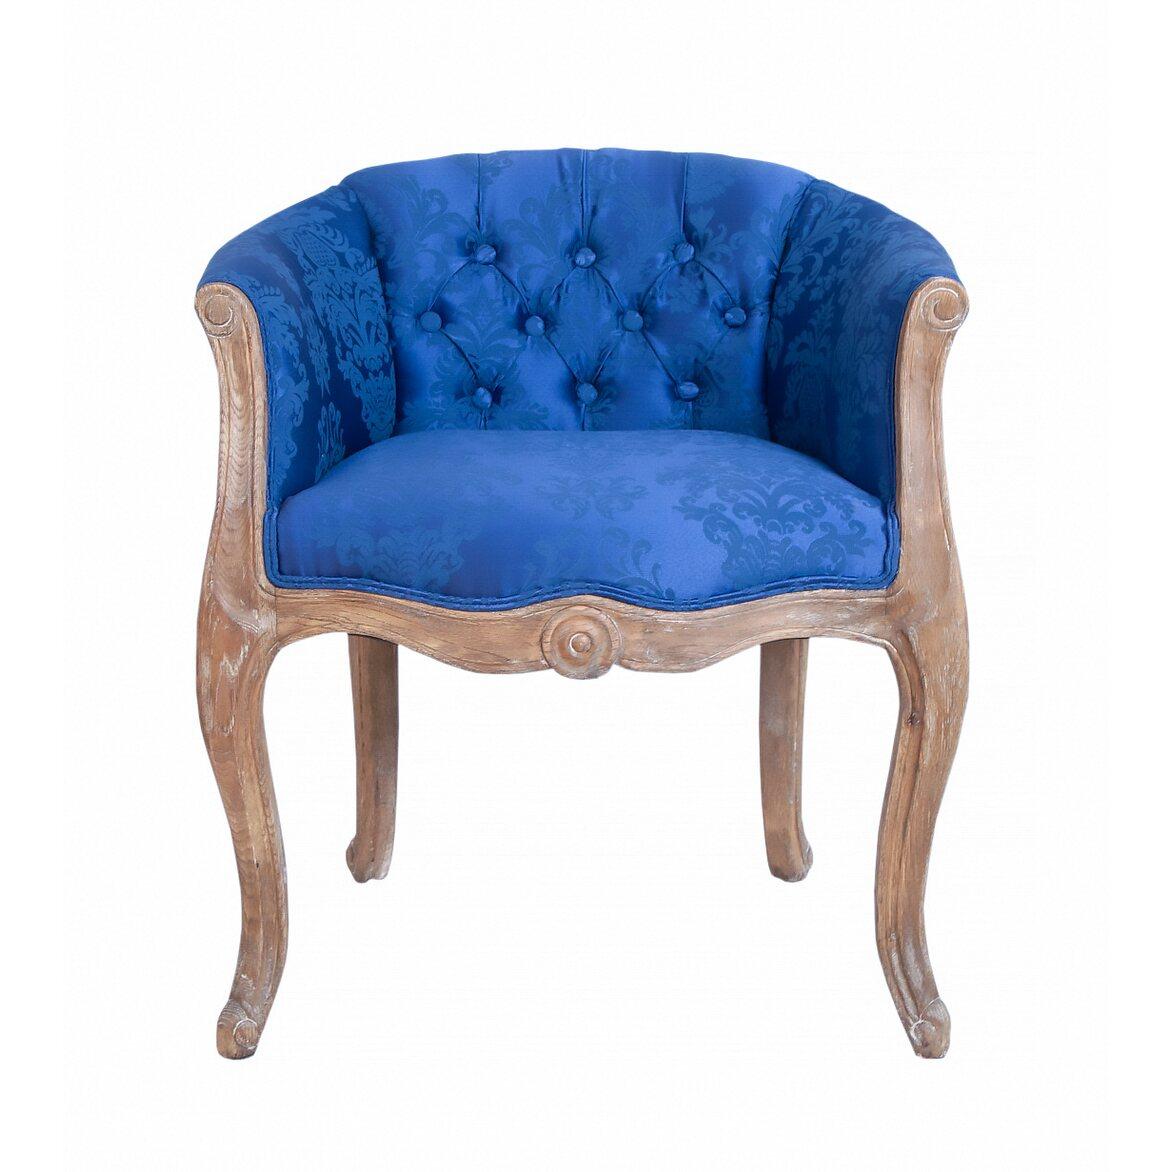 Низкое кресло Kandy blue | Маленькие кресла Kingsby